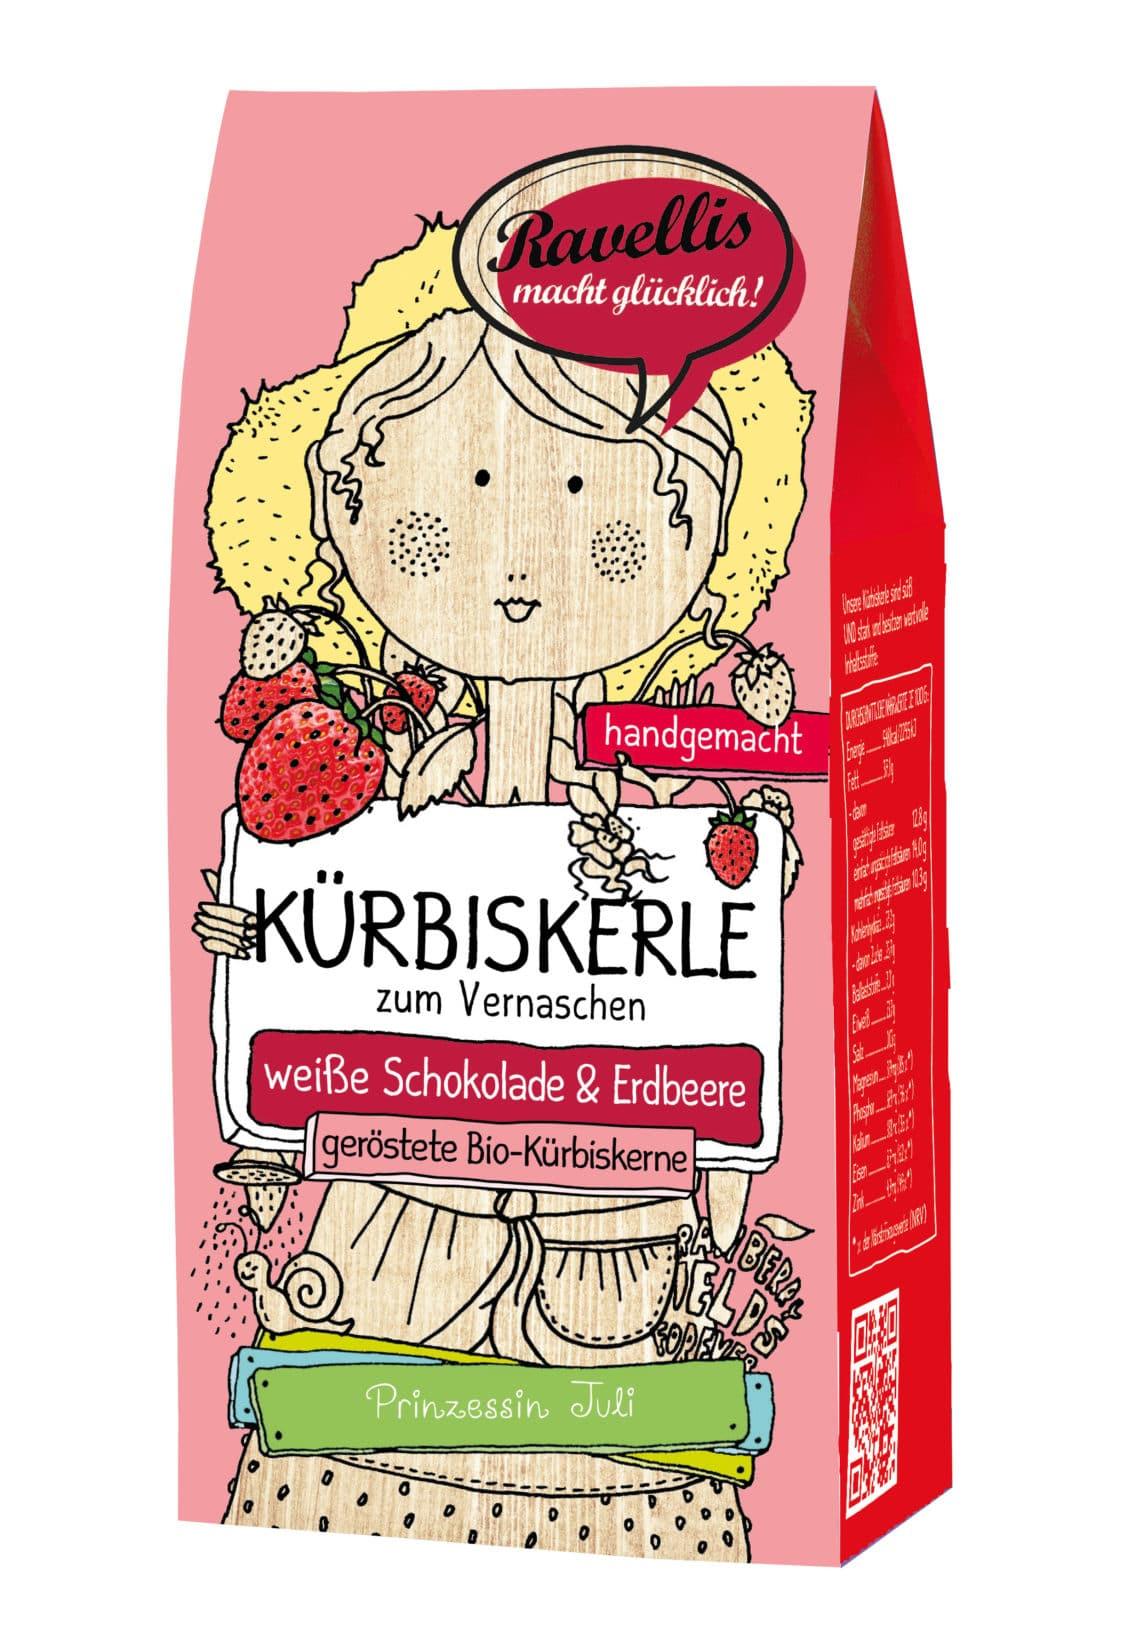 Weiße Schokolade & Erdbeere